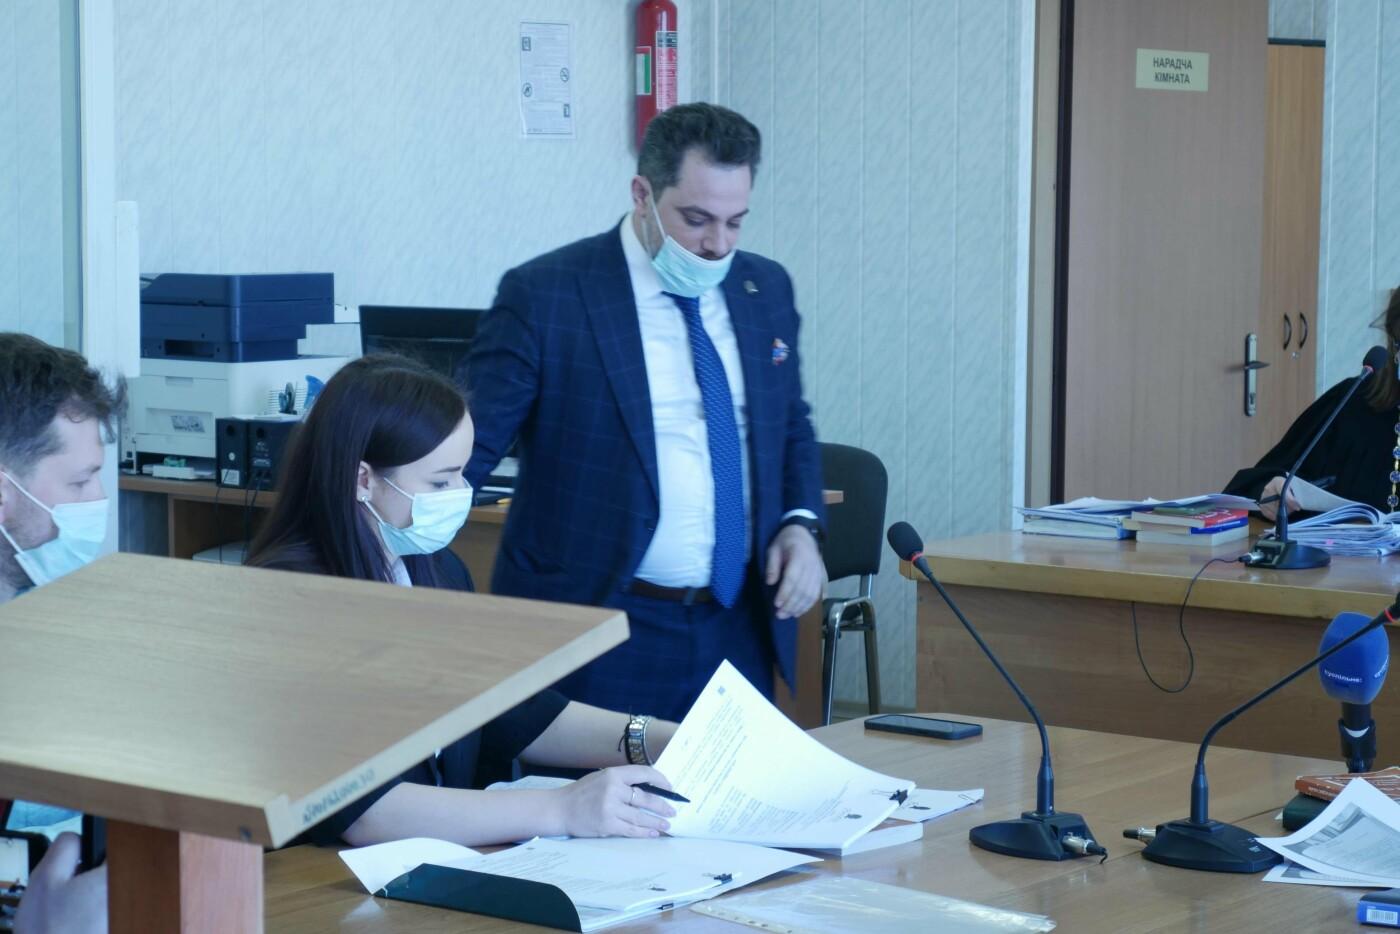 Суд Одессы изменил меру пресечения фотографу, который подозревается в смертельном ДТП, фото-14